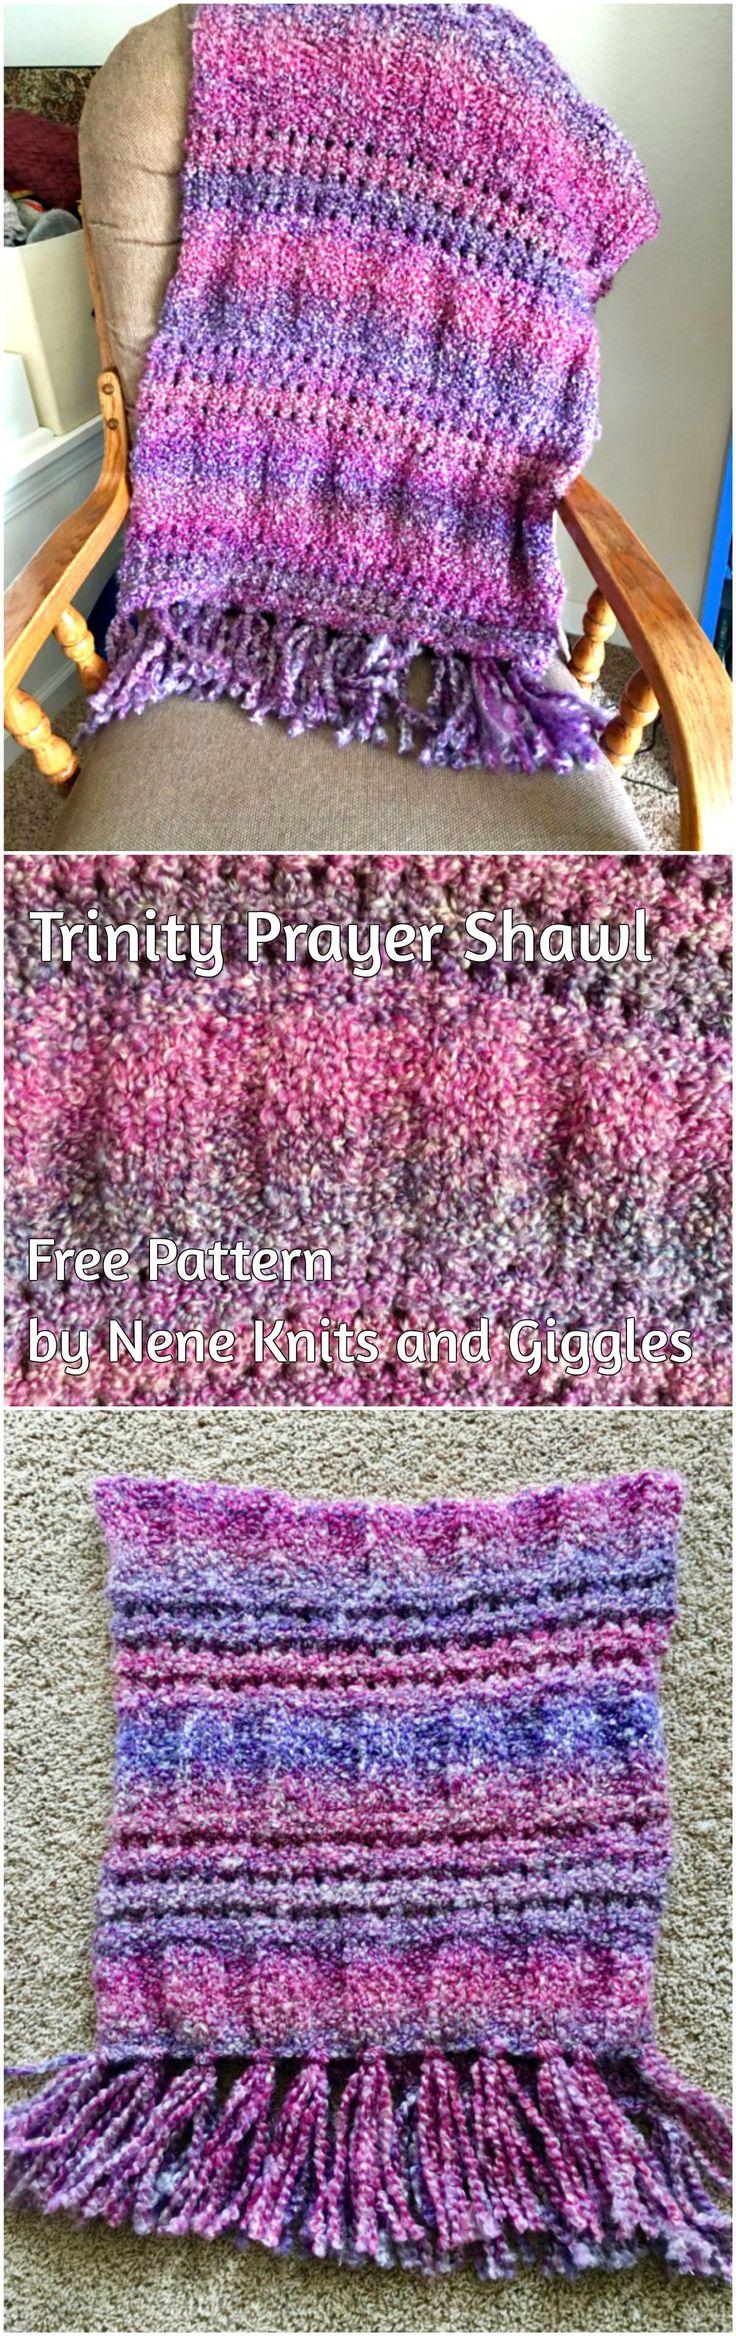 Mejores 22 imágenes de Knitting en Pinterest | Tejidos de punto ...